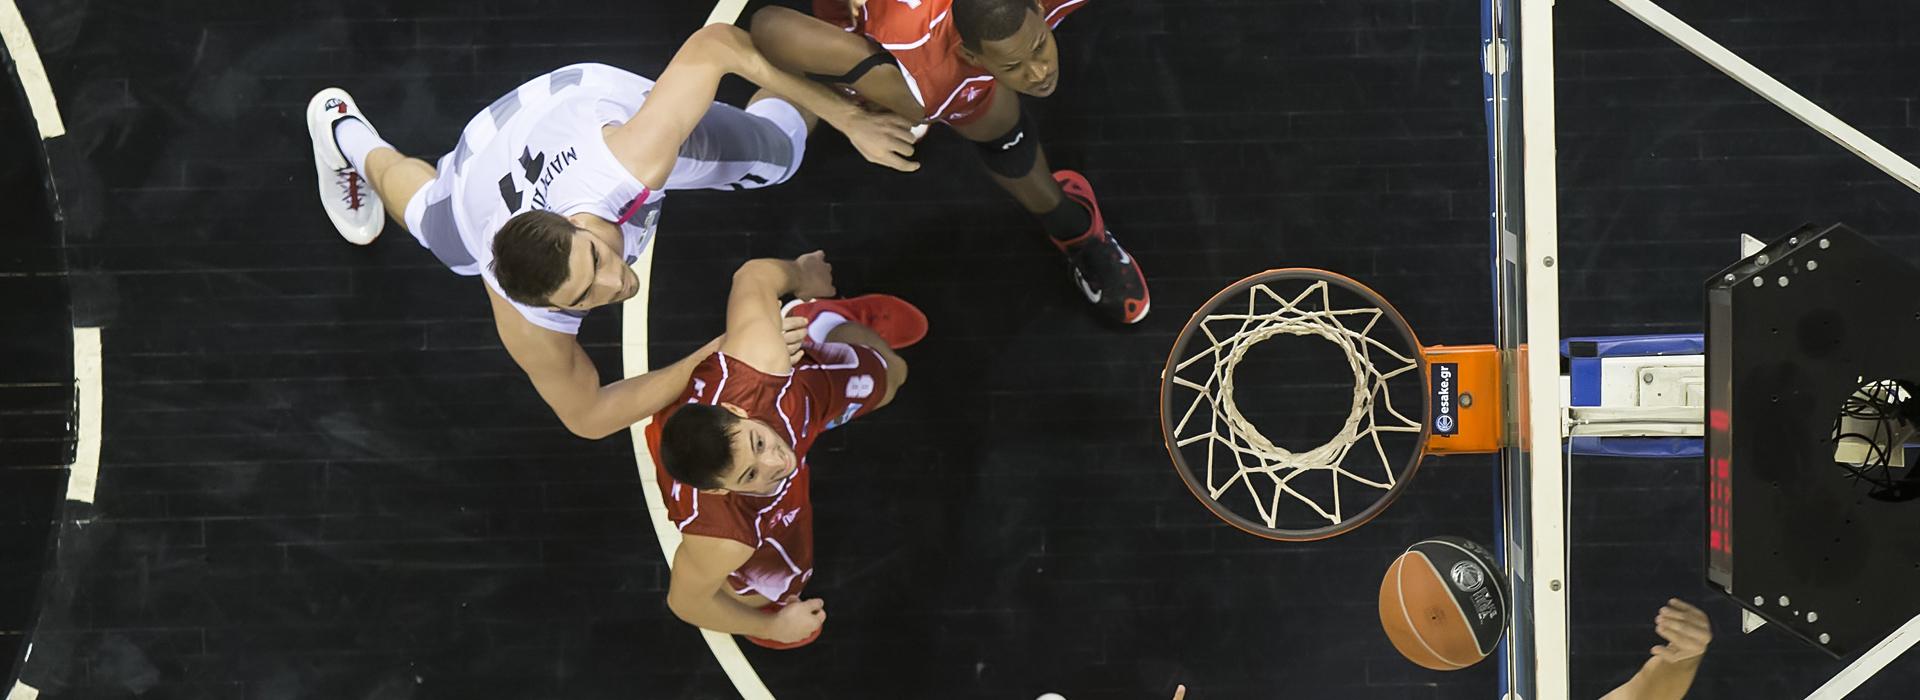 3 mannen die basketbal spelen